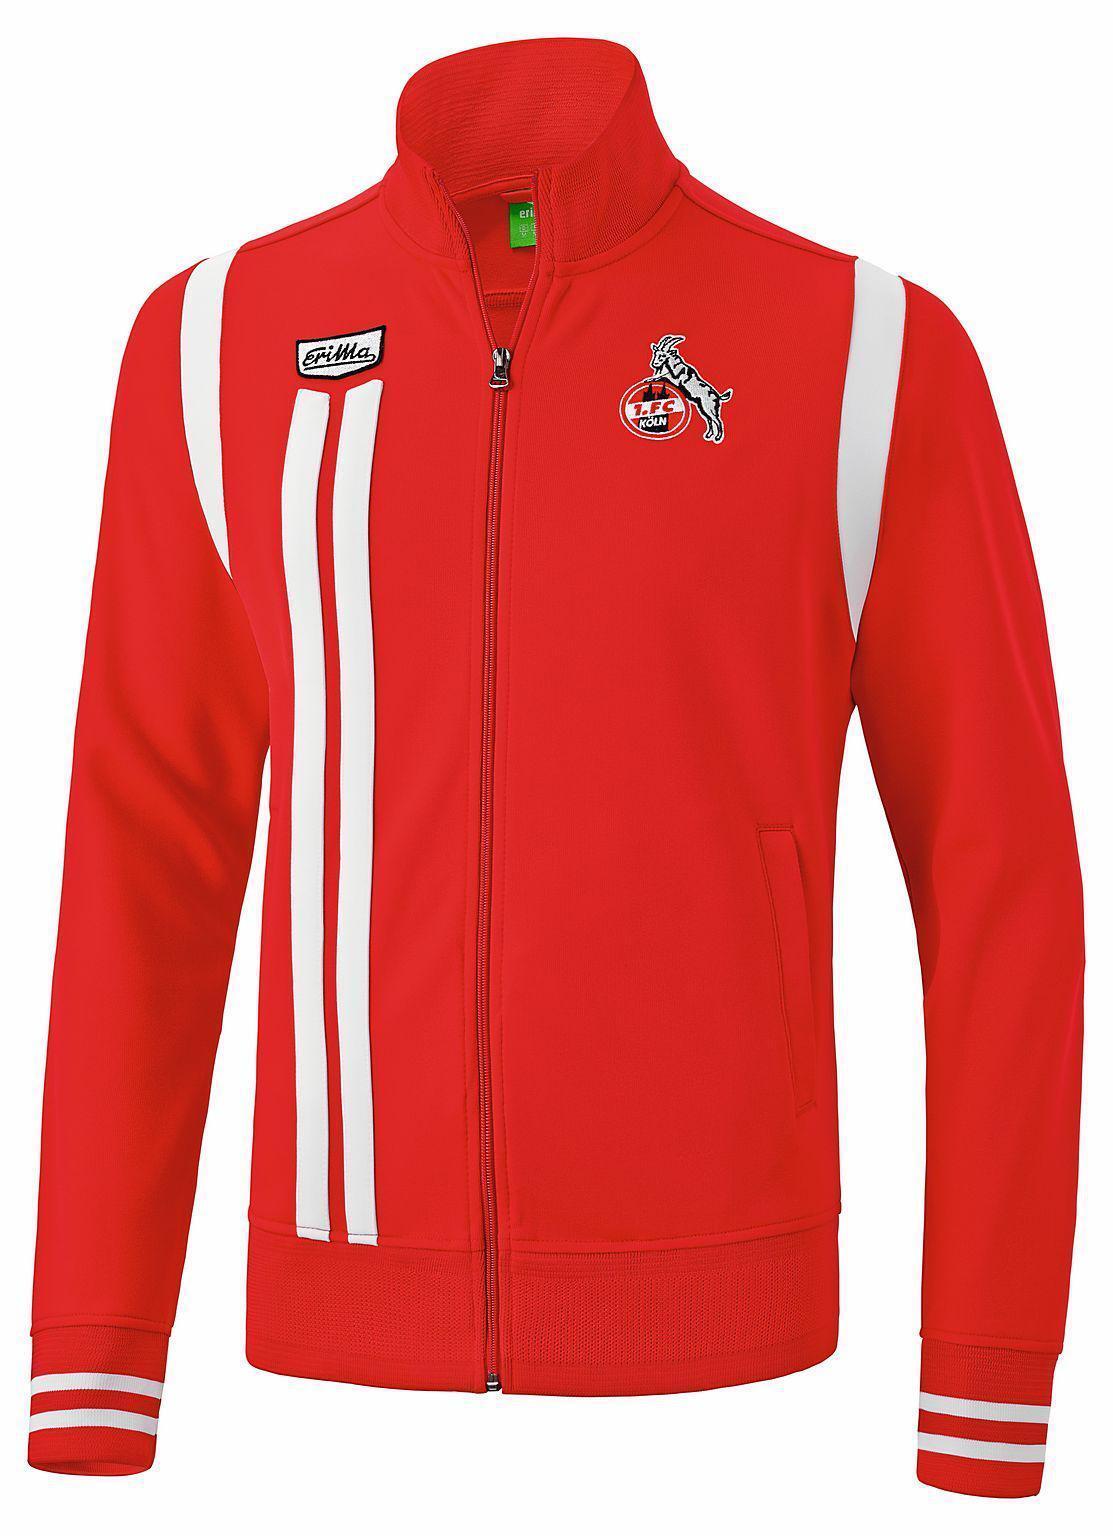 Erima 1. FC Köln Retro Jacke - Kinder Trainingsjacke - 250604